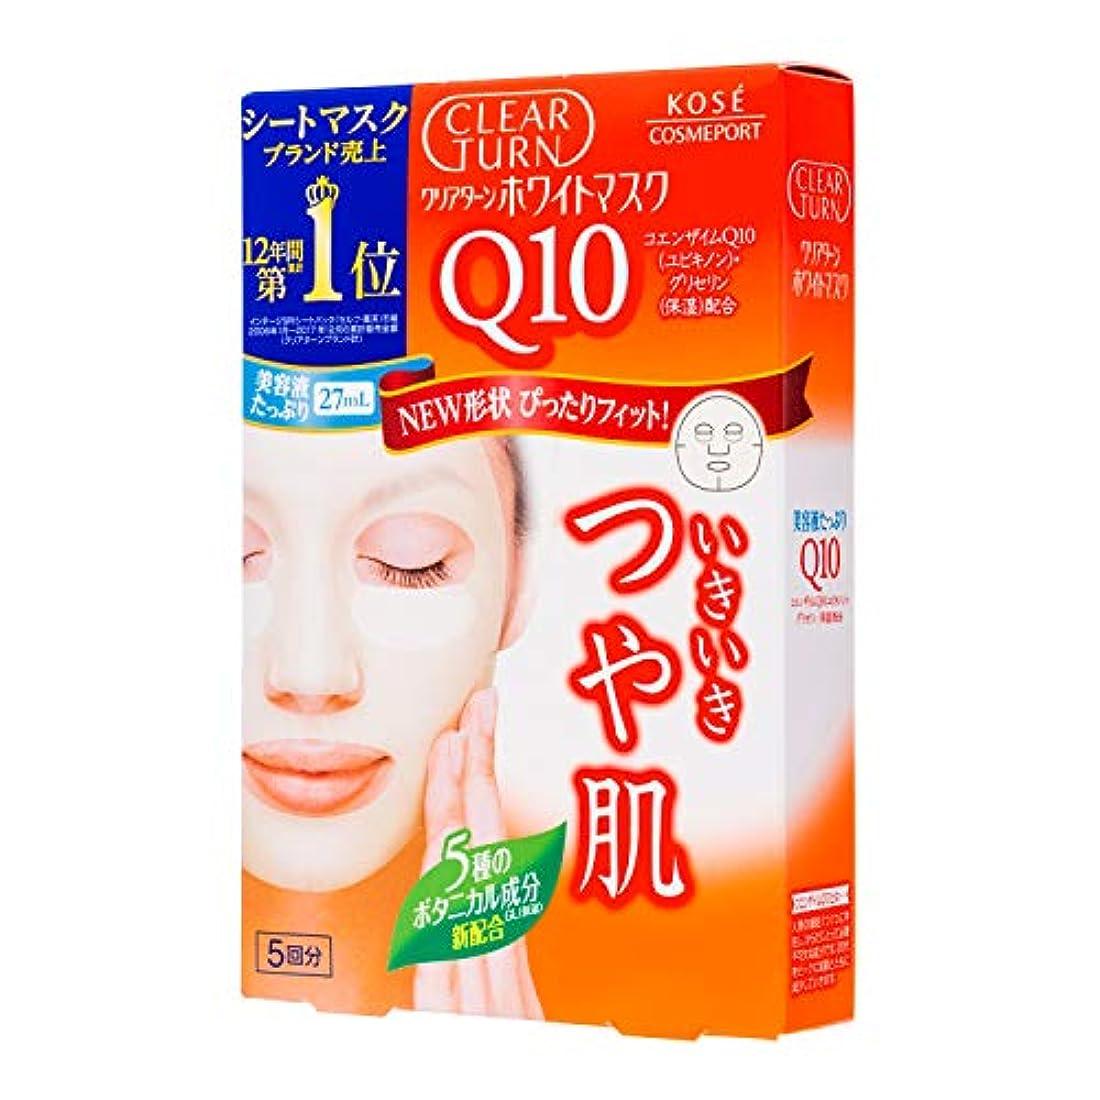 モジュールスラッシュポジティブクリアターン ホワイト マスク Q10 c (コエンザイムQ10) 5回分